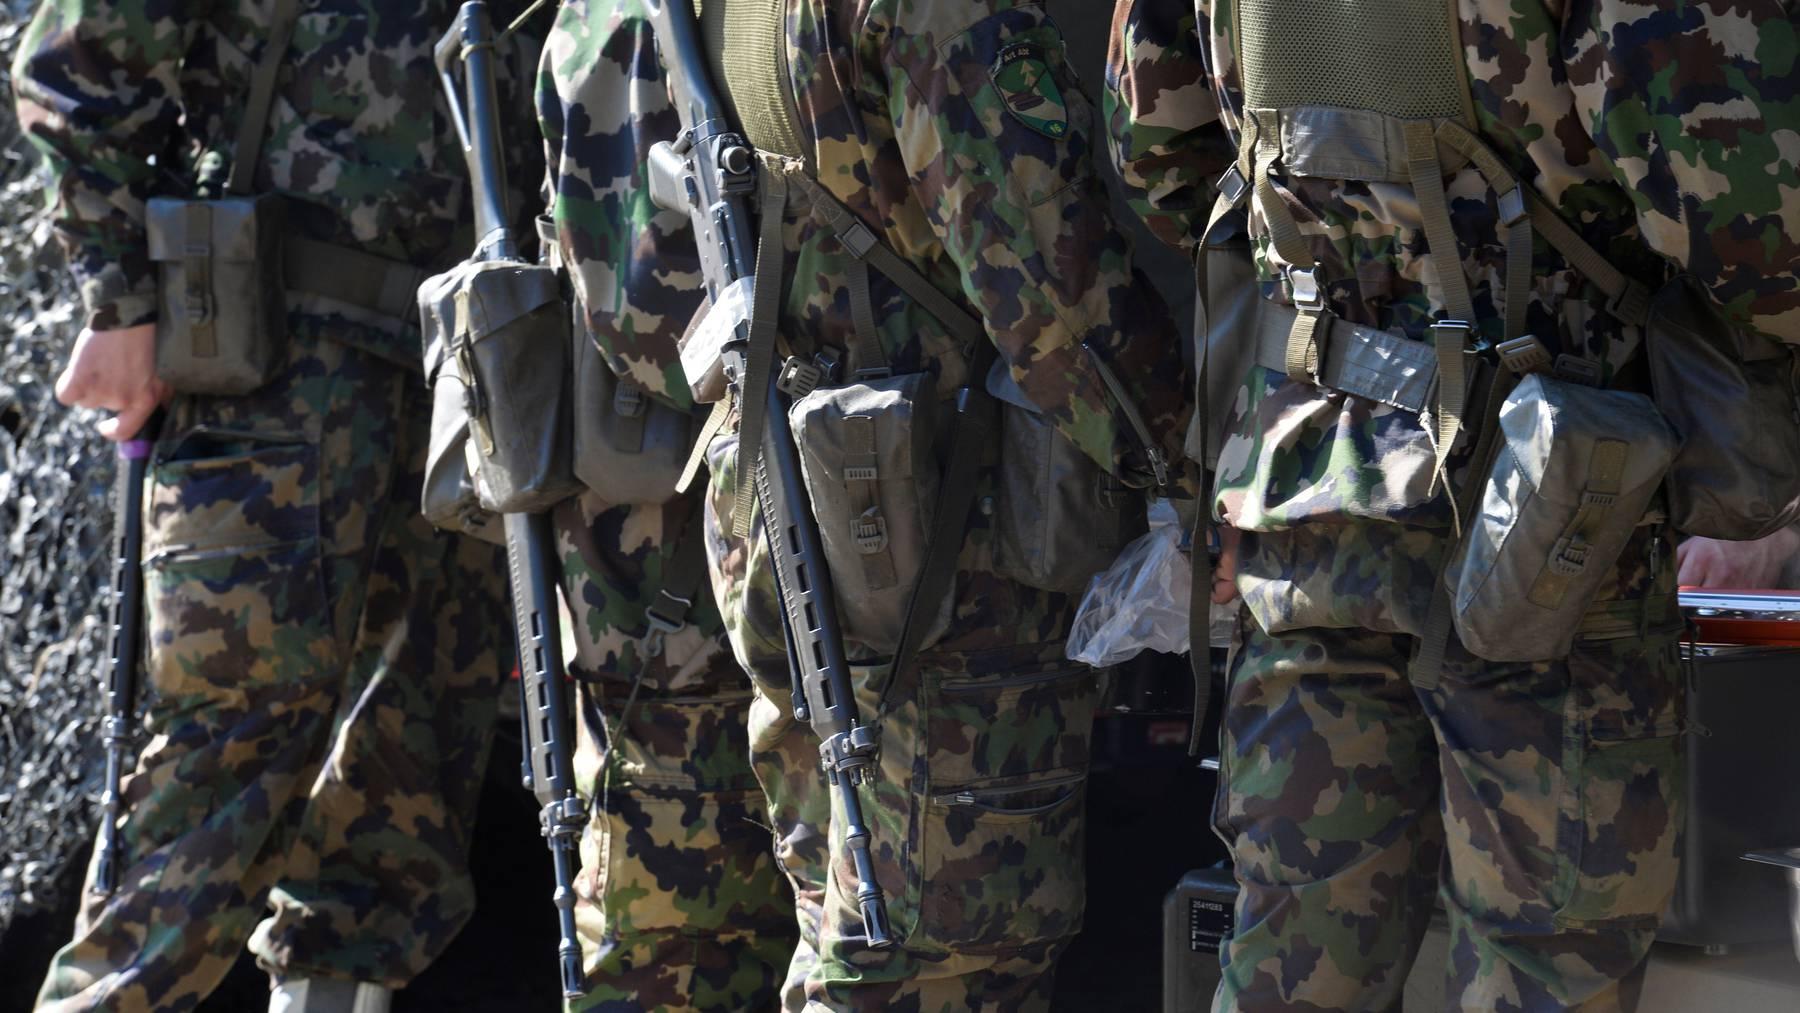 Bis Ende Jahr streicht das Militär alle WKs, die nicht zur Unterstützung von zivilen Behörden oder zur Basisleistung der Armee notwendig.